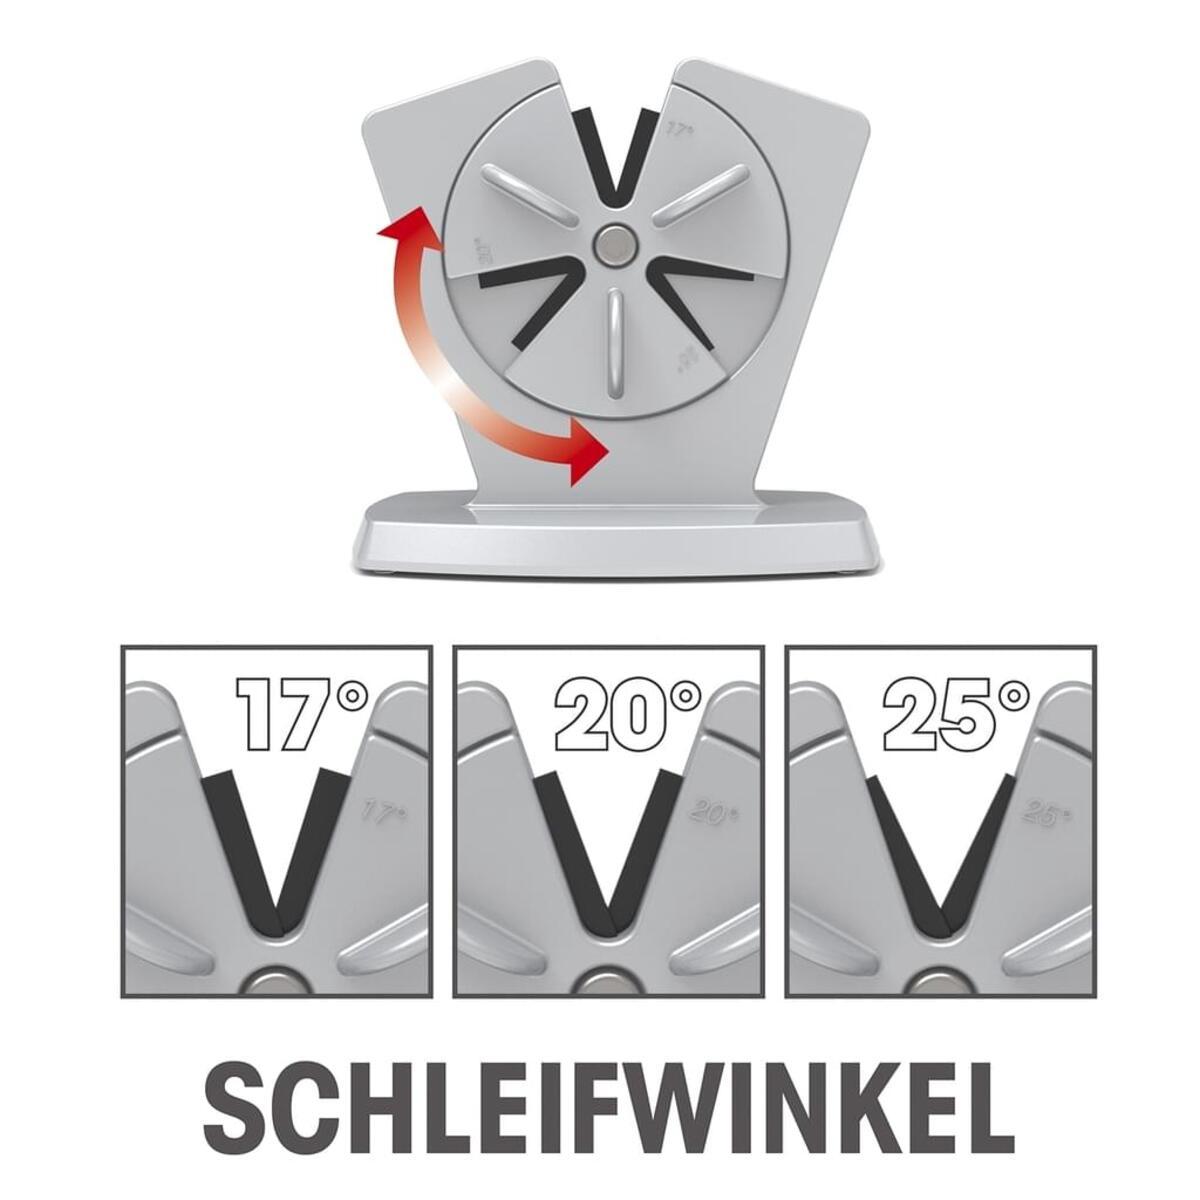 Bild 2 von GOURMETmaxx Messerschärfer - 3 Schleifwinkel